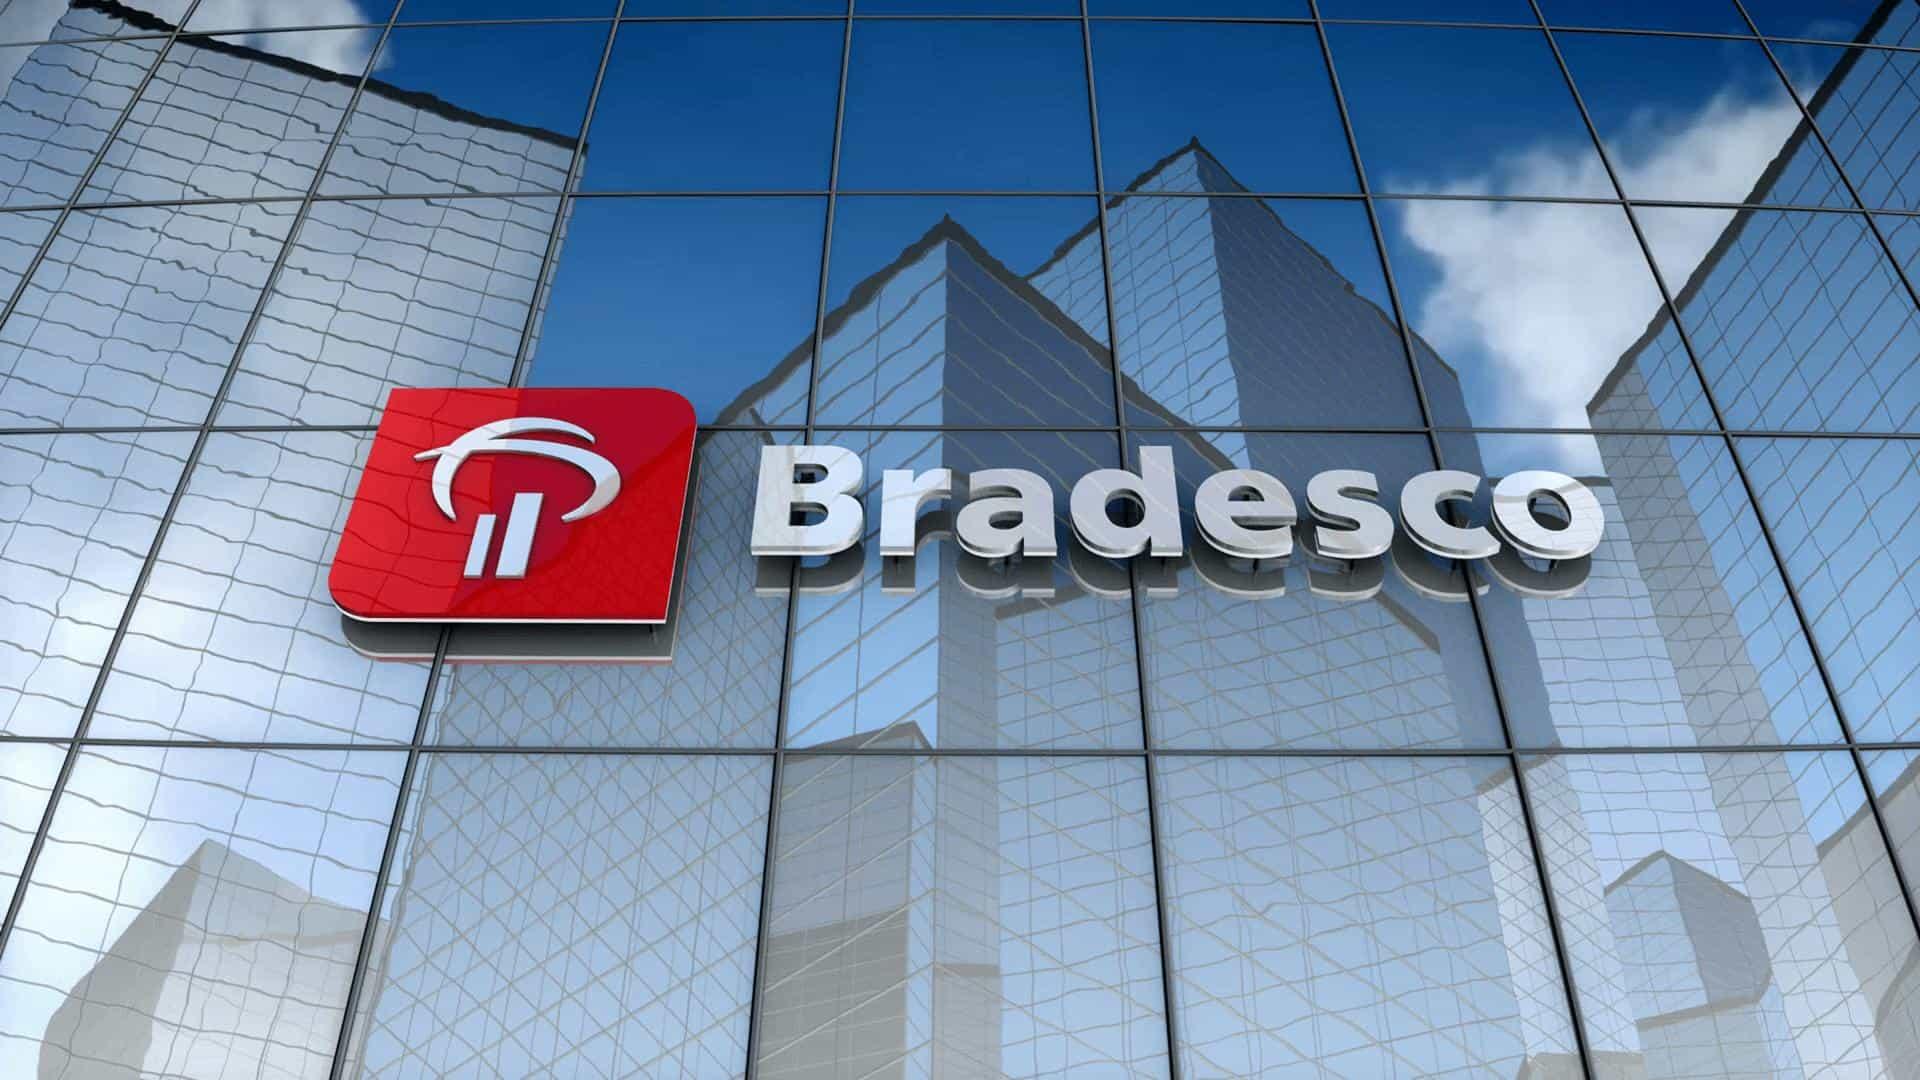 Bradesco é condenado a pagar INDENIZAÇÃO aos clientes após cobranças indevidas